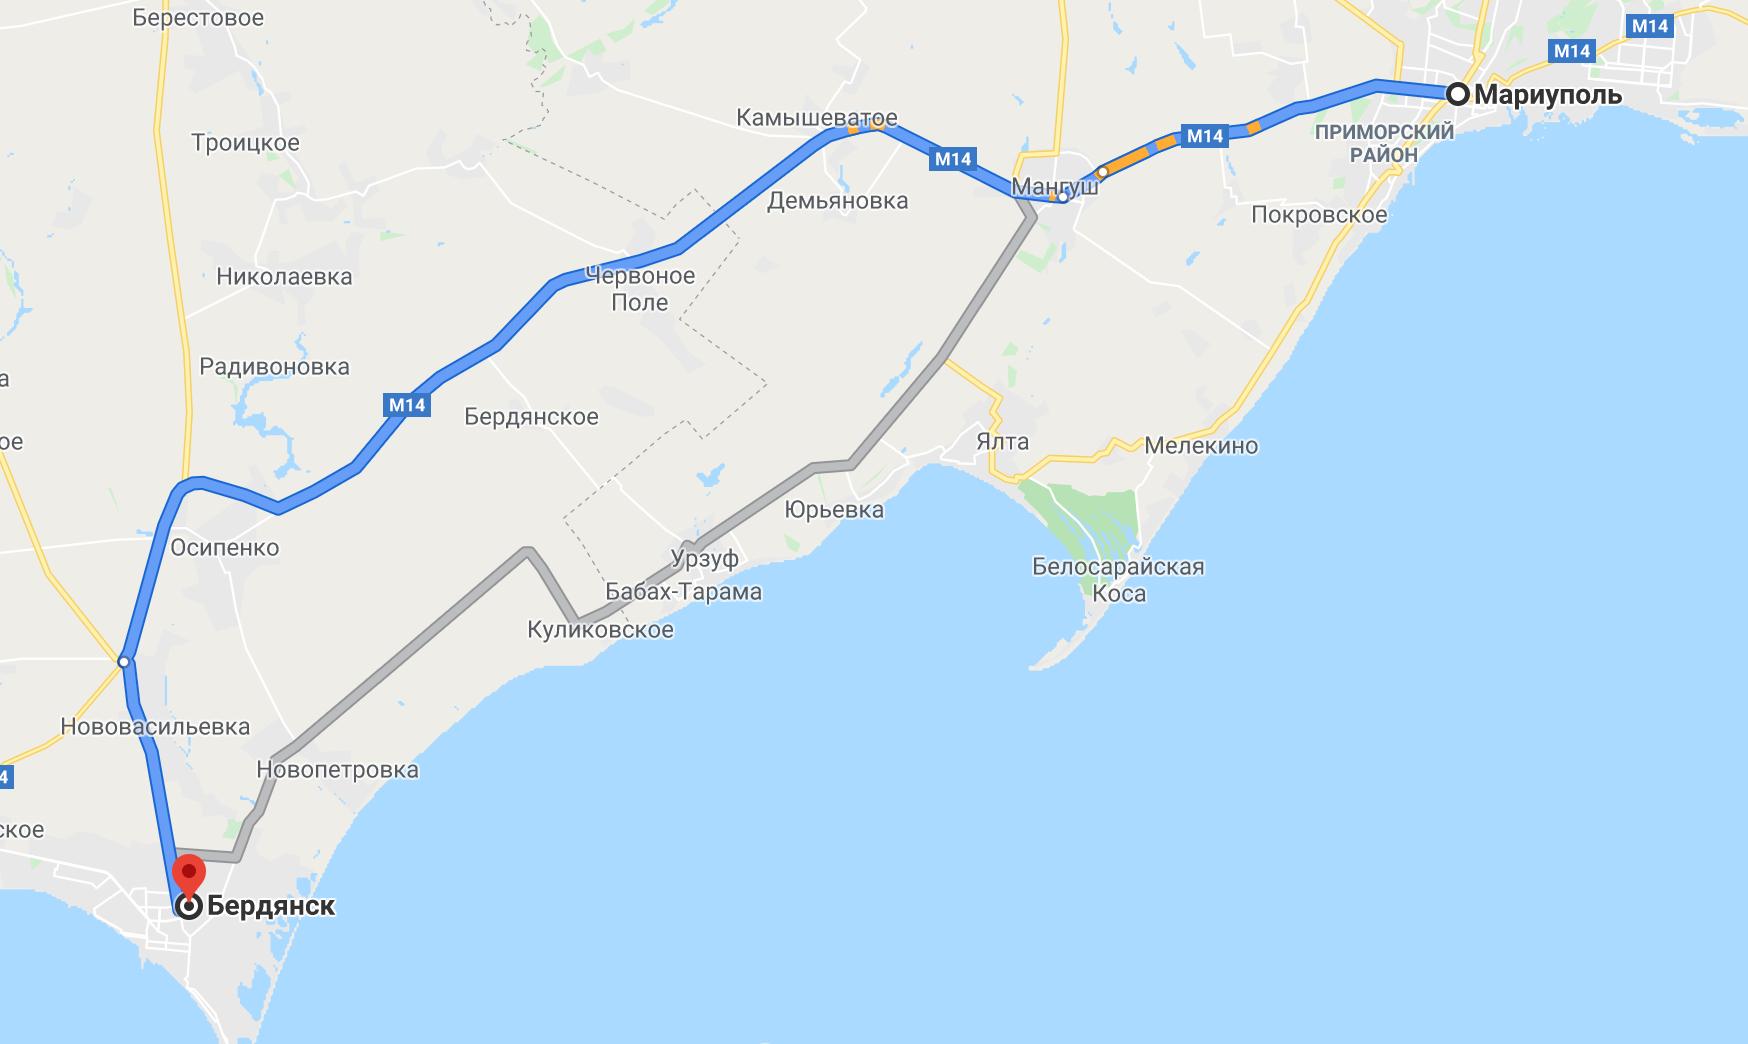 Как добраться до Бердянска на авто из Мариуполя